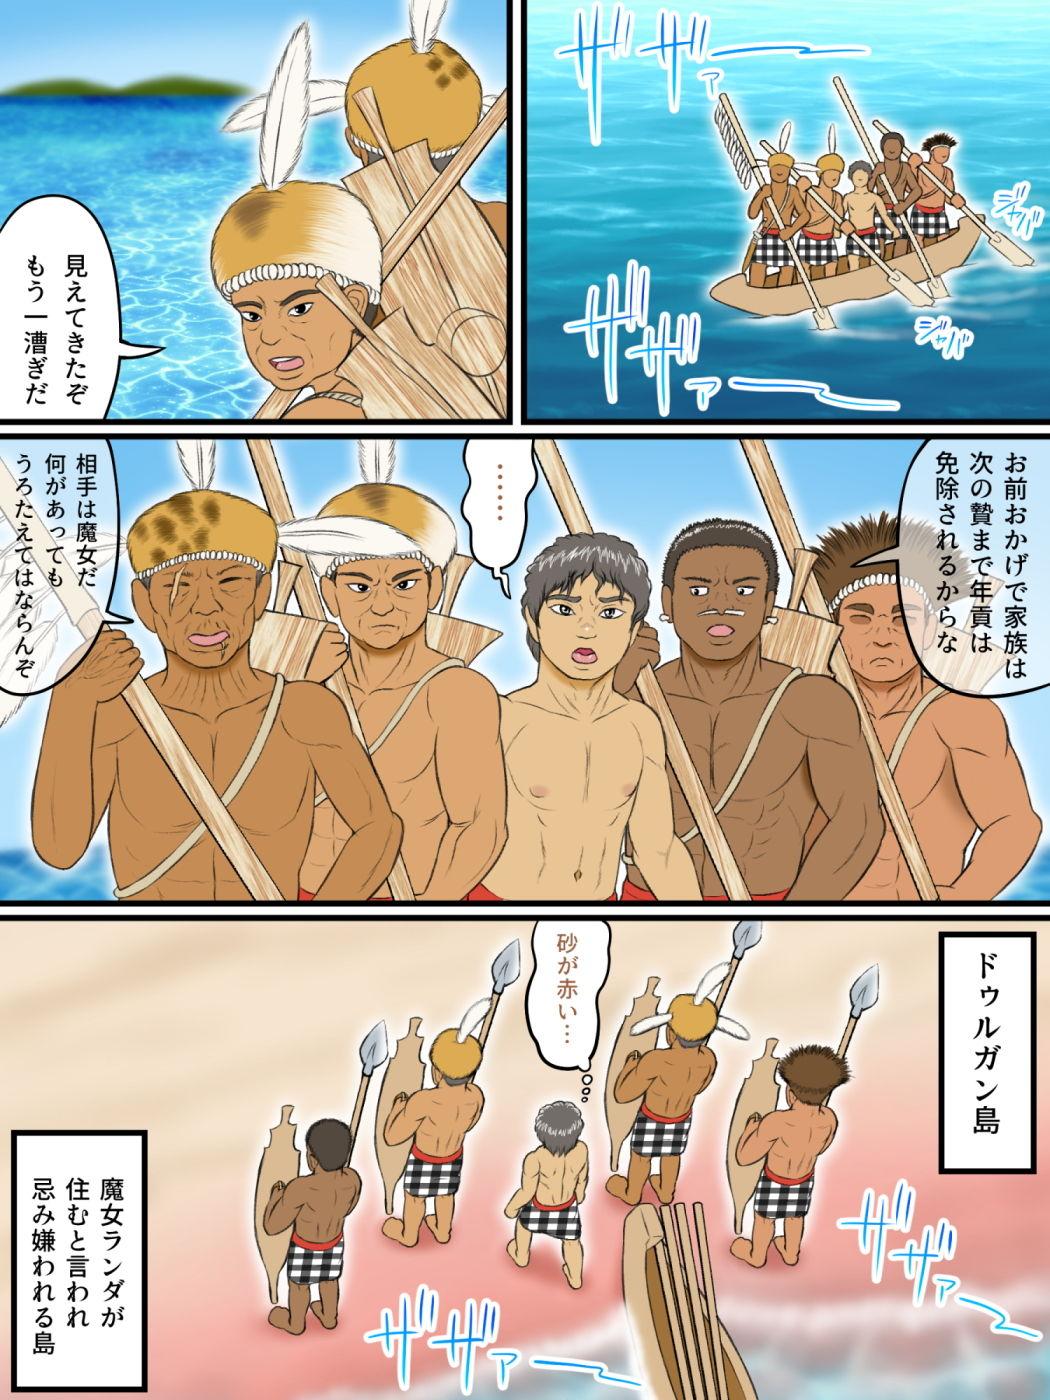 蛮王記 ~孤島魔女王伝~